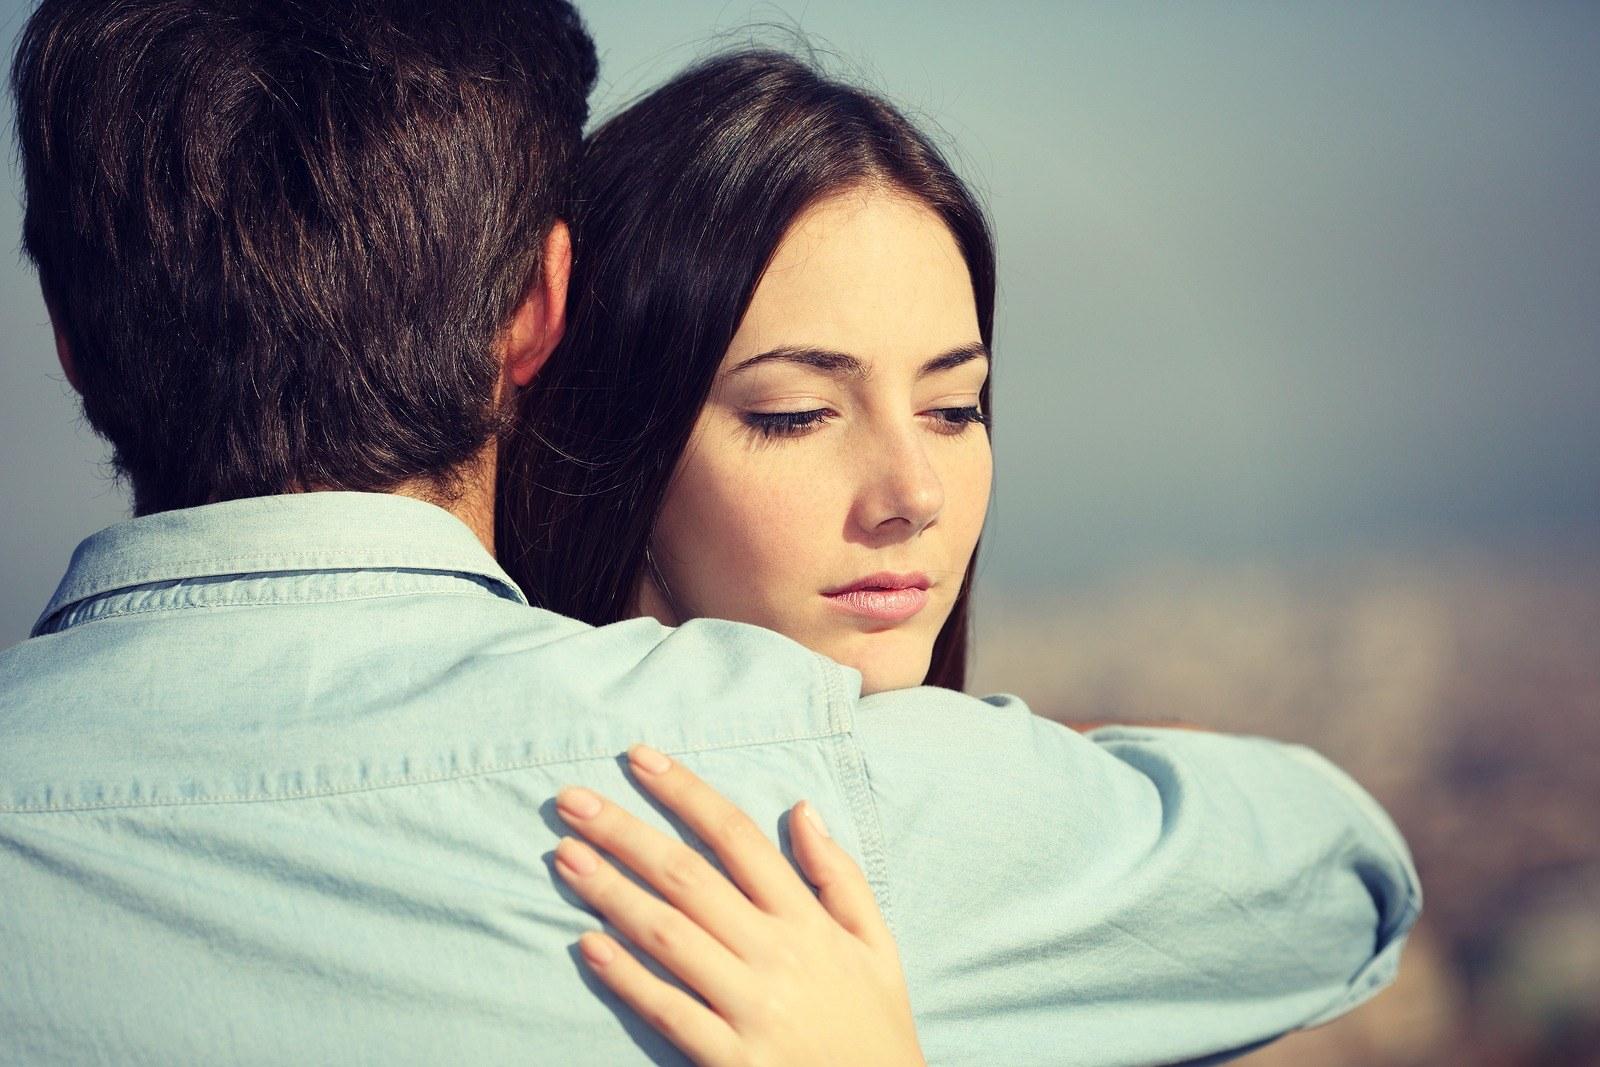 Картинки влюбленных пар которые расстаются